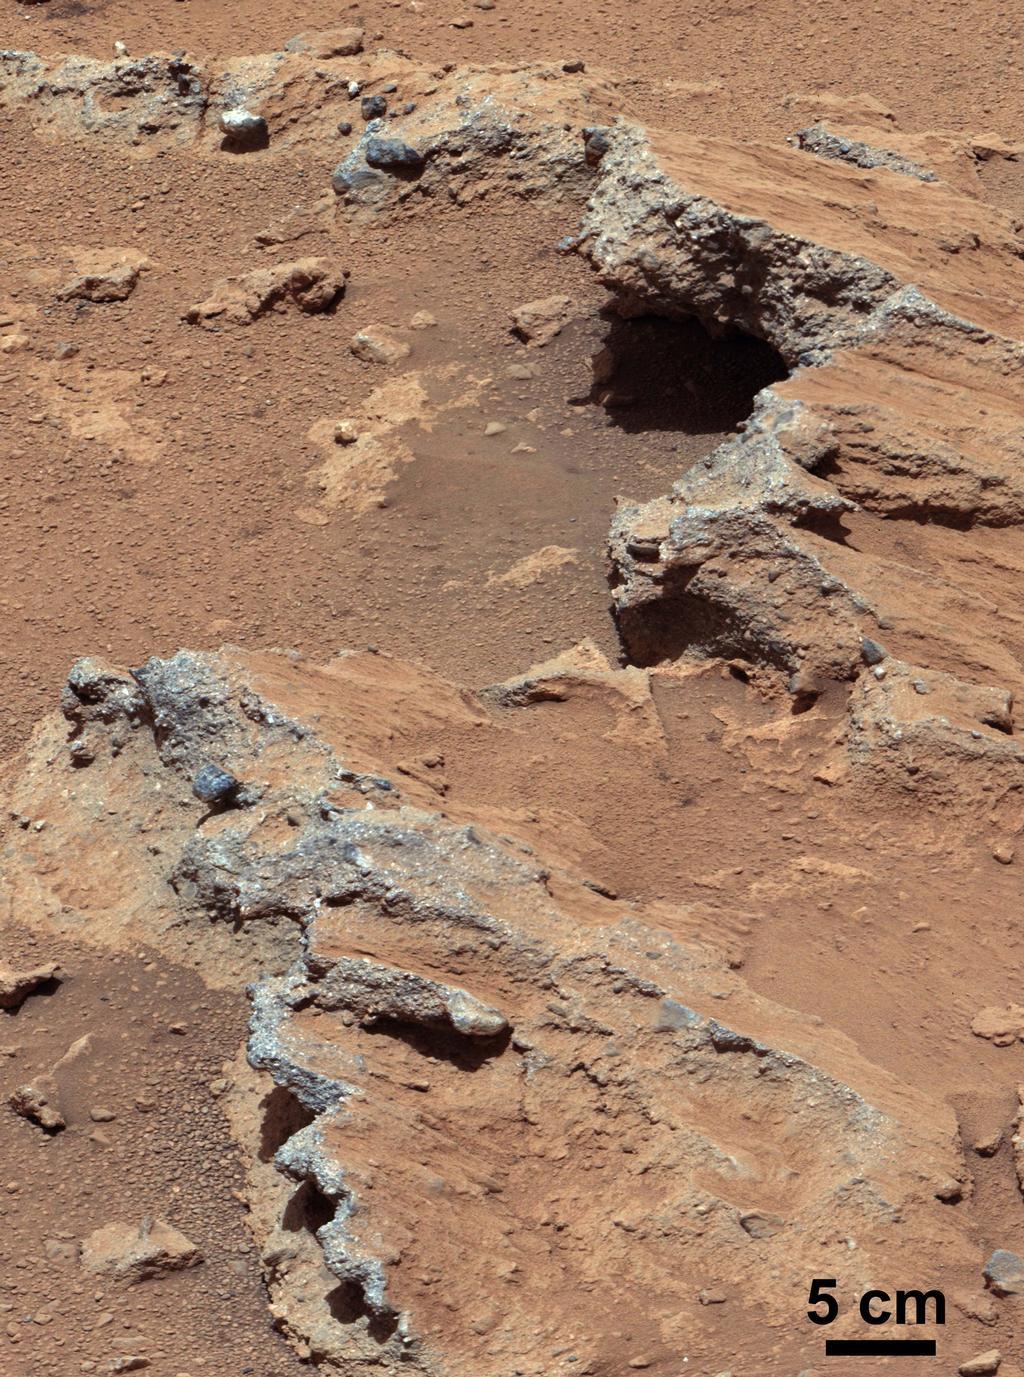 Seguimiento del Curiosity en Marte - Página 4 Pia17062_Hottah_WB-br2